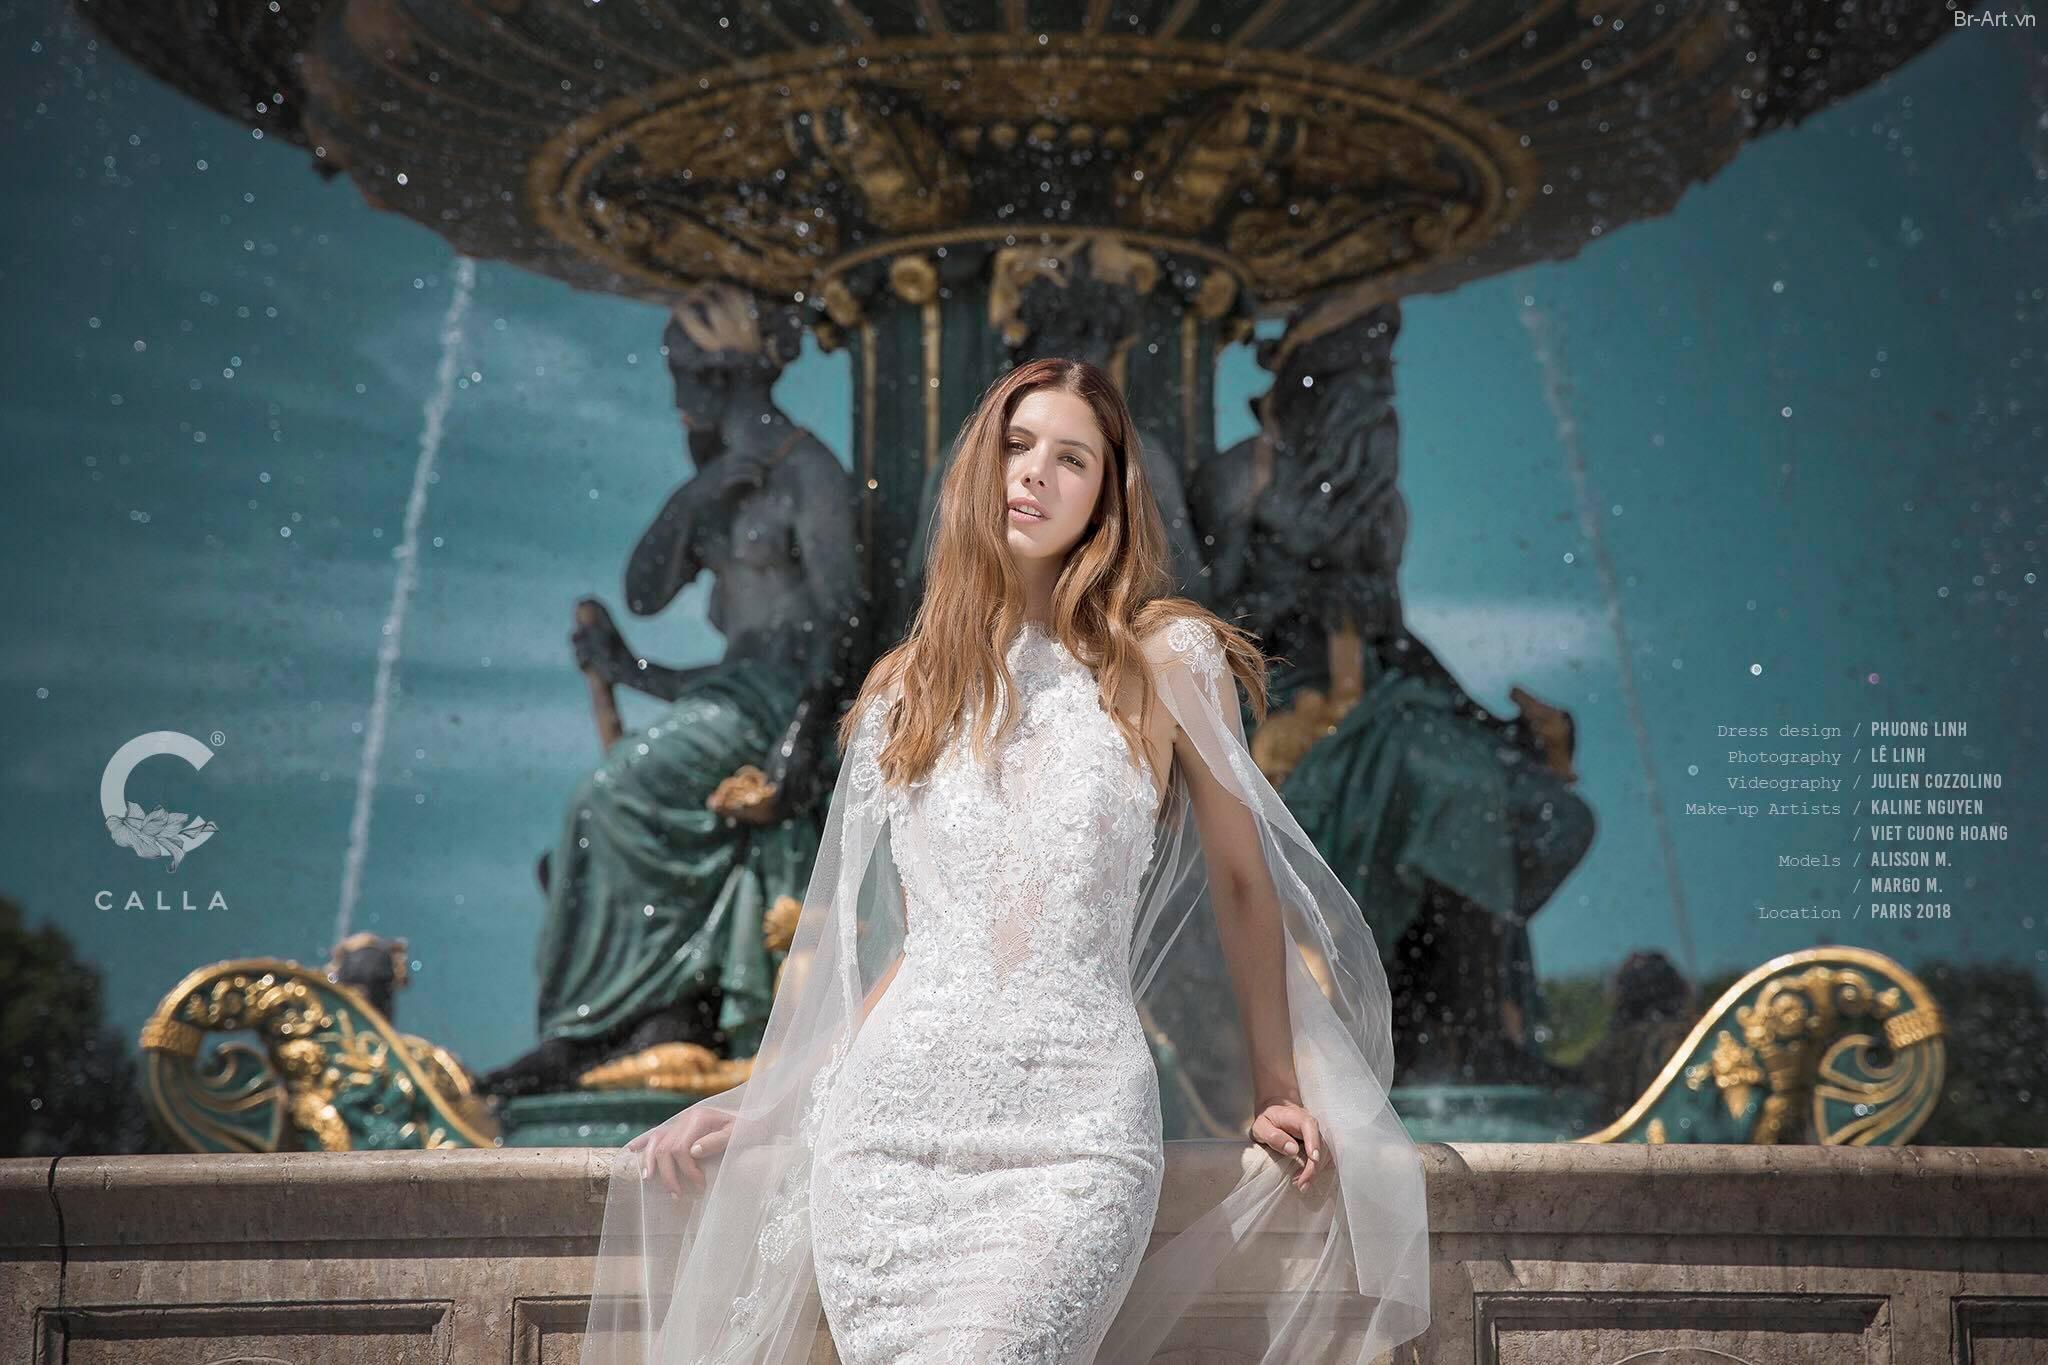 Thiếu nữ Pháp đẹp rạng ngời trong mẫu áo cưới - Hình 18